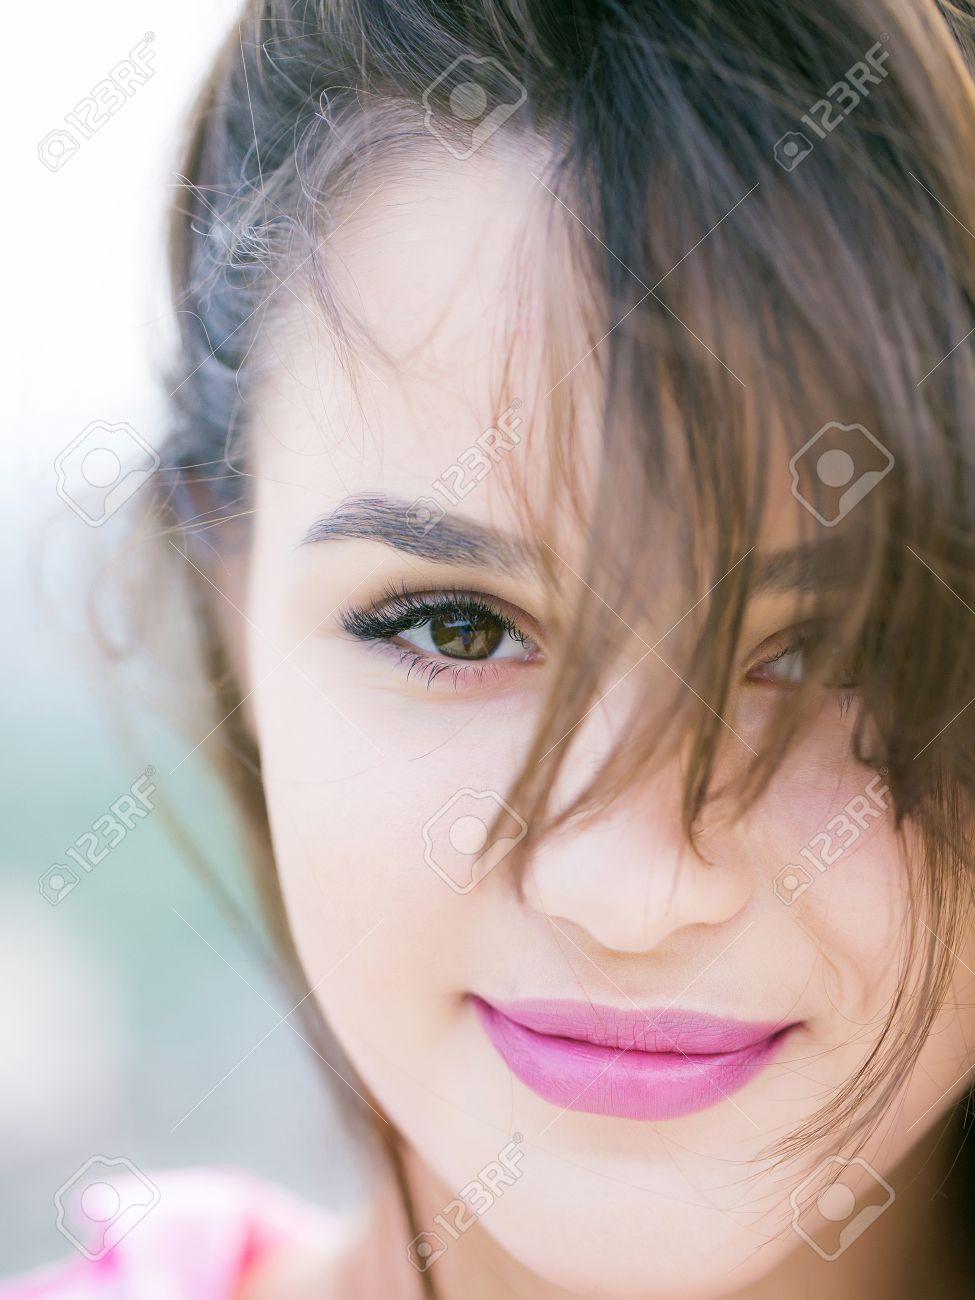 Junge Frau Brünette Mit Ziemlich Süß Gesicht Braune Augen Mode